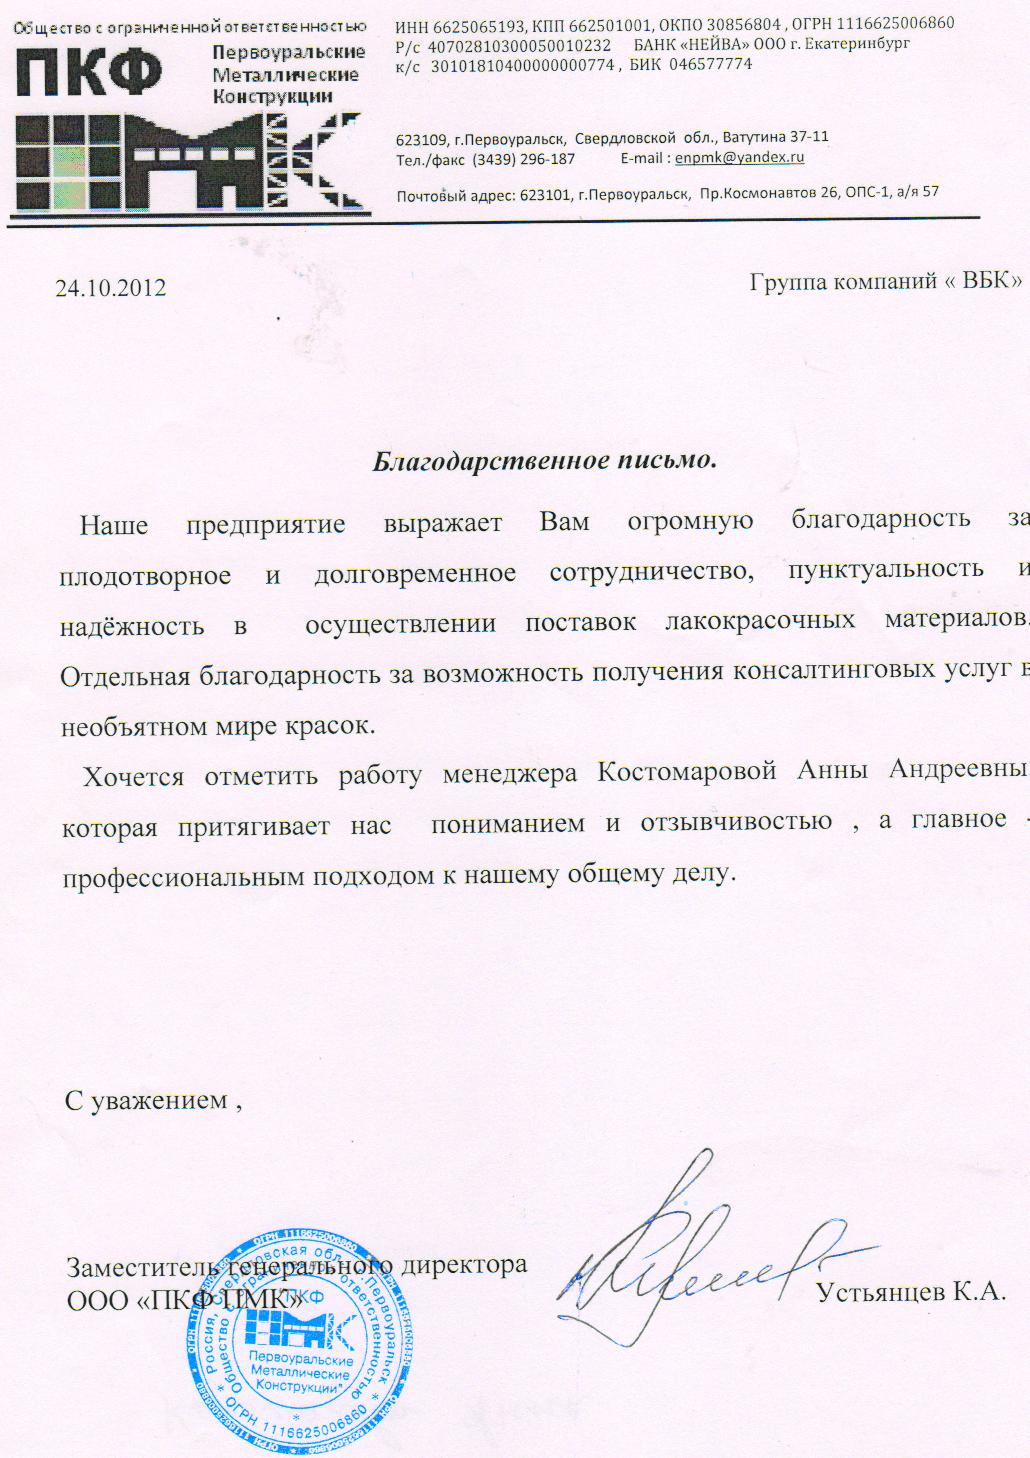 Благодарственное письмо от ООО «ПКФ ПМК»